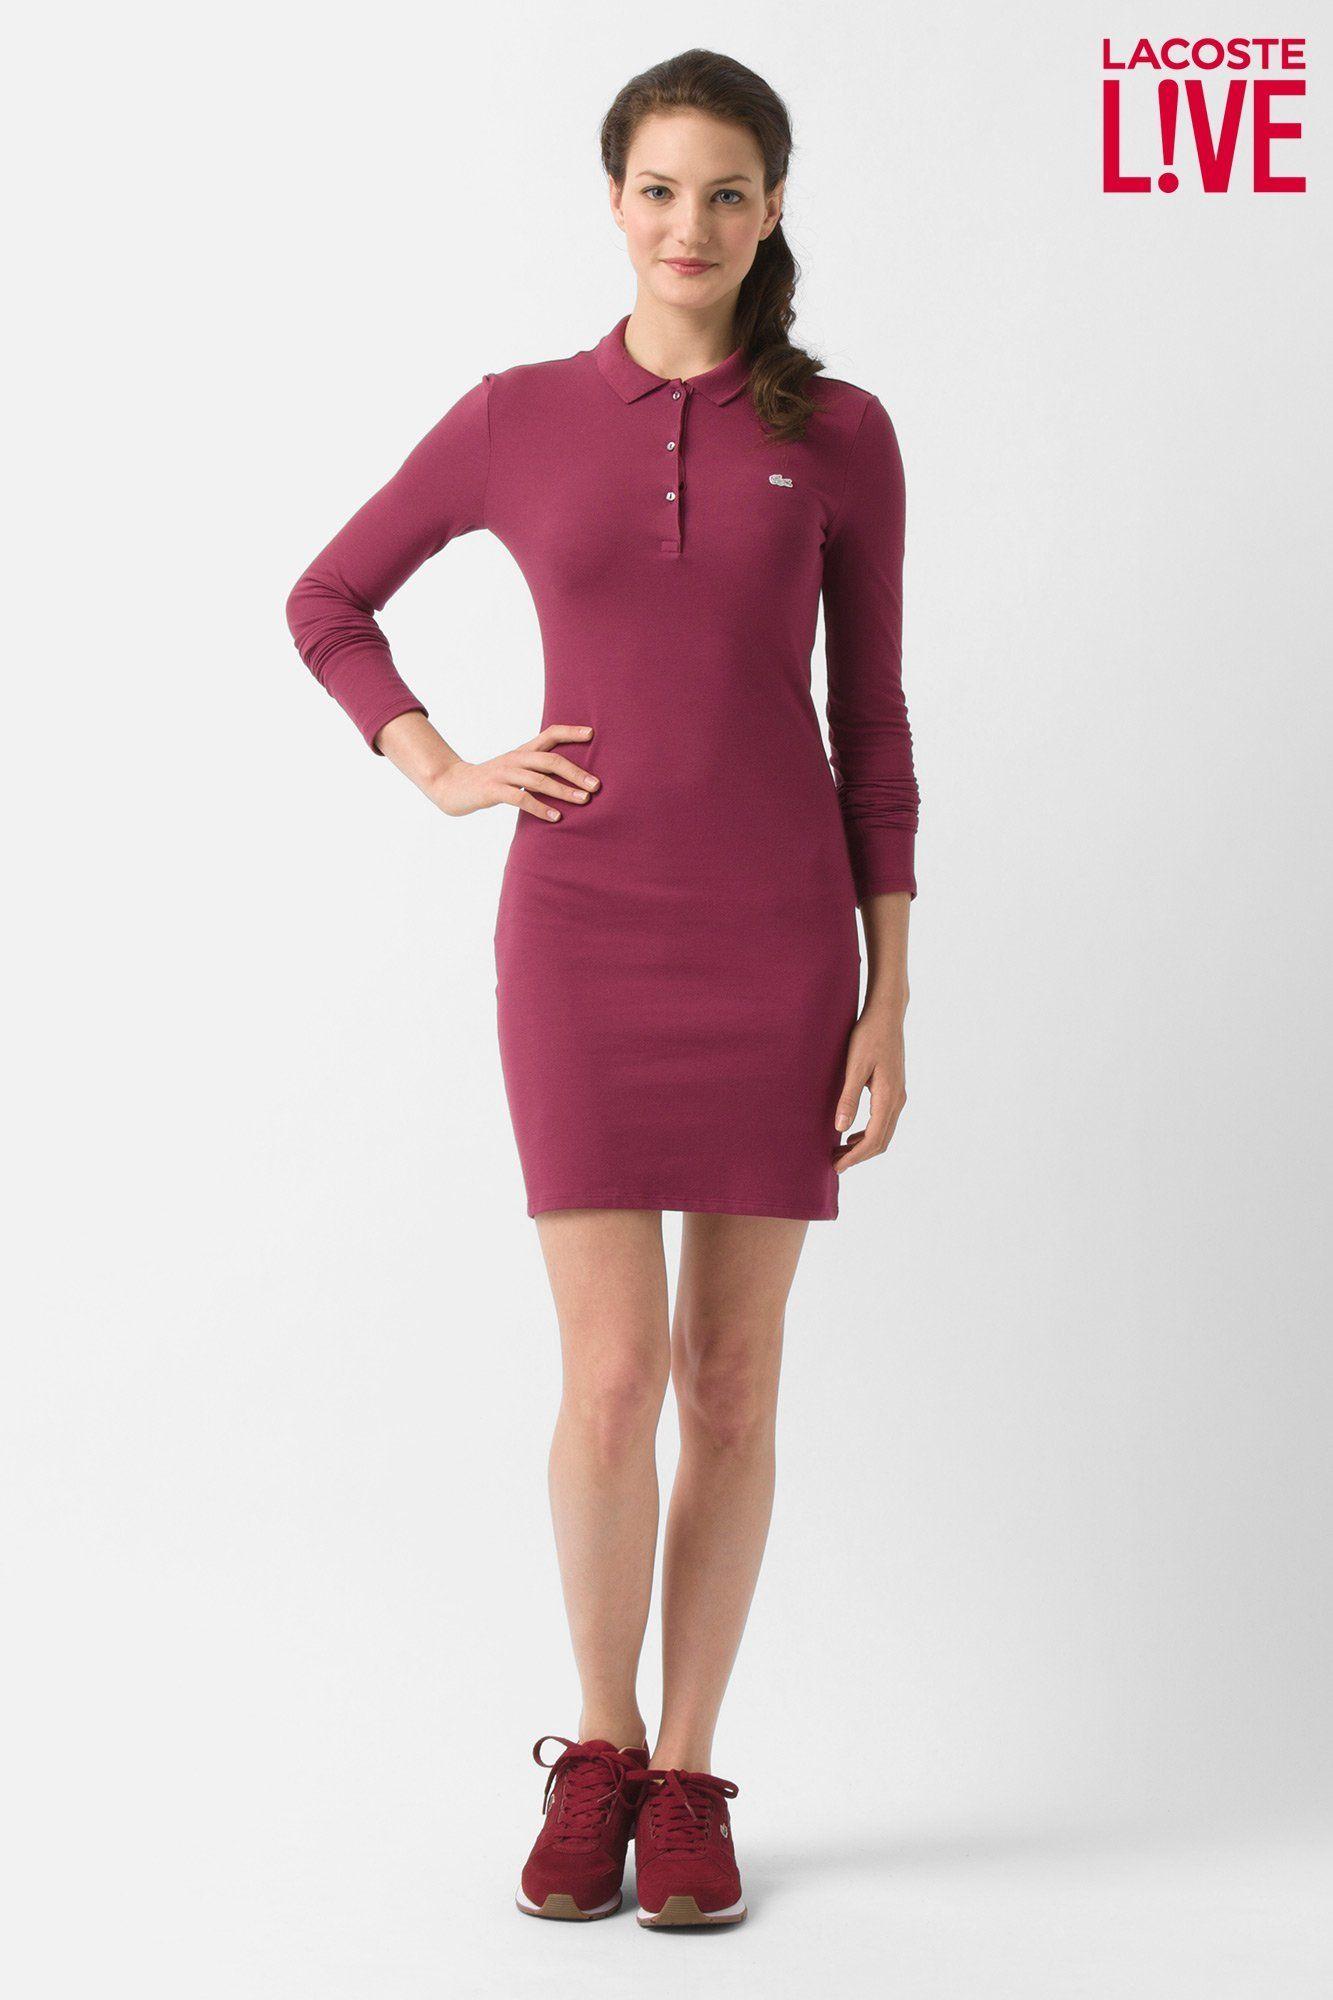 d3a13be60 Lacoste L!ve Long Sleeve Pique Polo Dress   Dresses